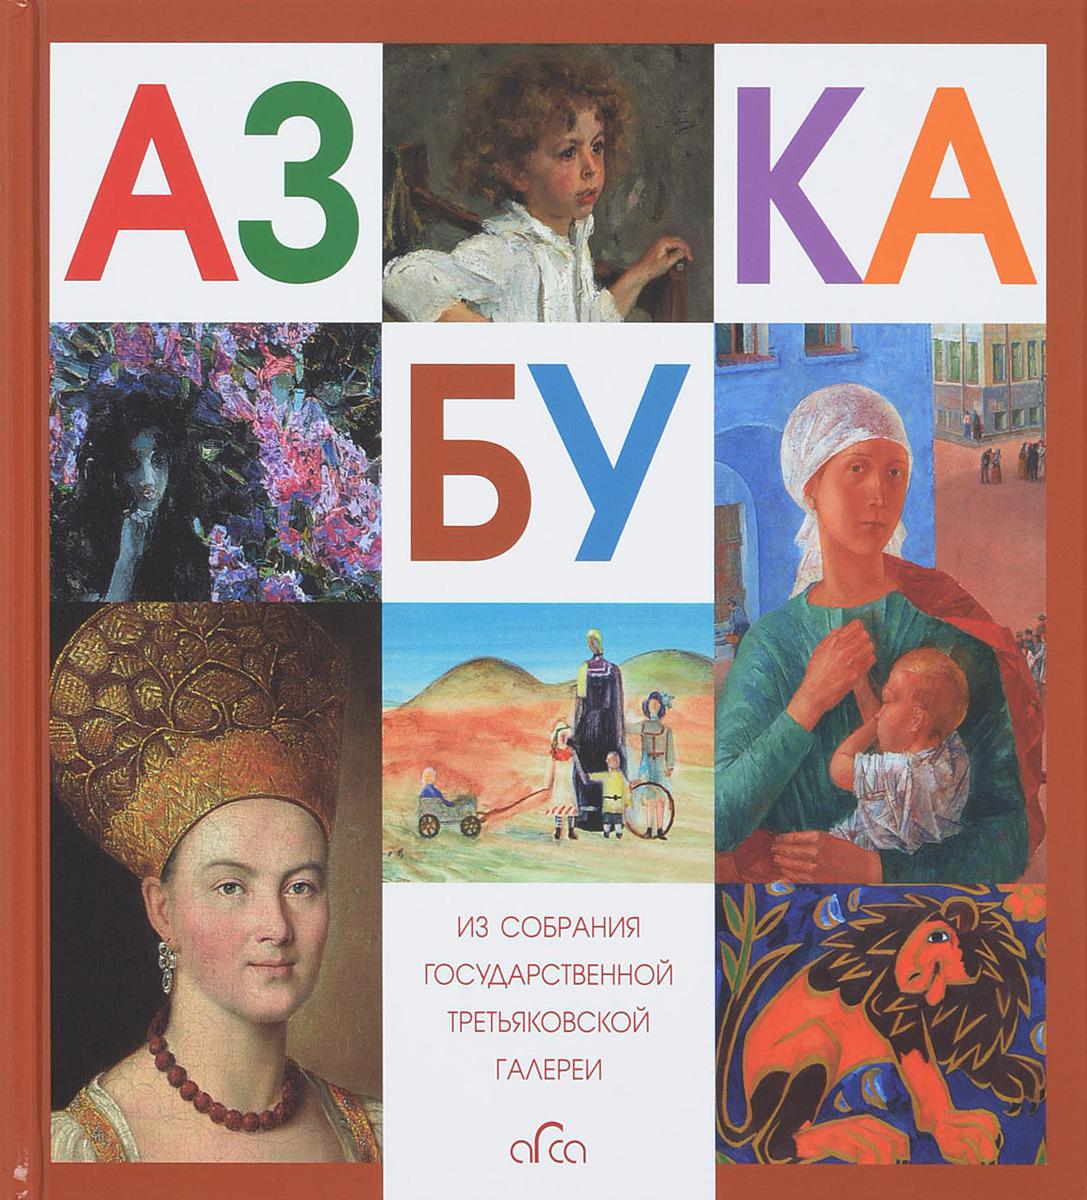 Азбука Третьяковской Галереи магнитная закладка шедевры третьяковской галереи 1 4 закладки горизонтальные